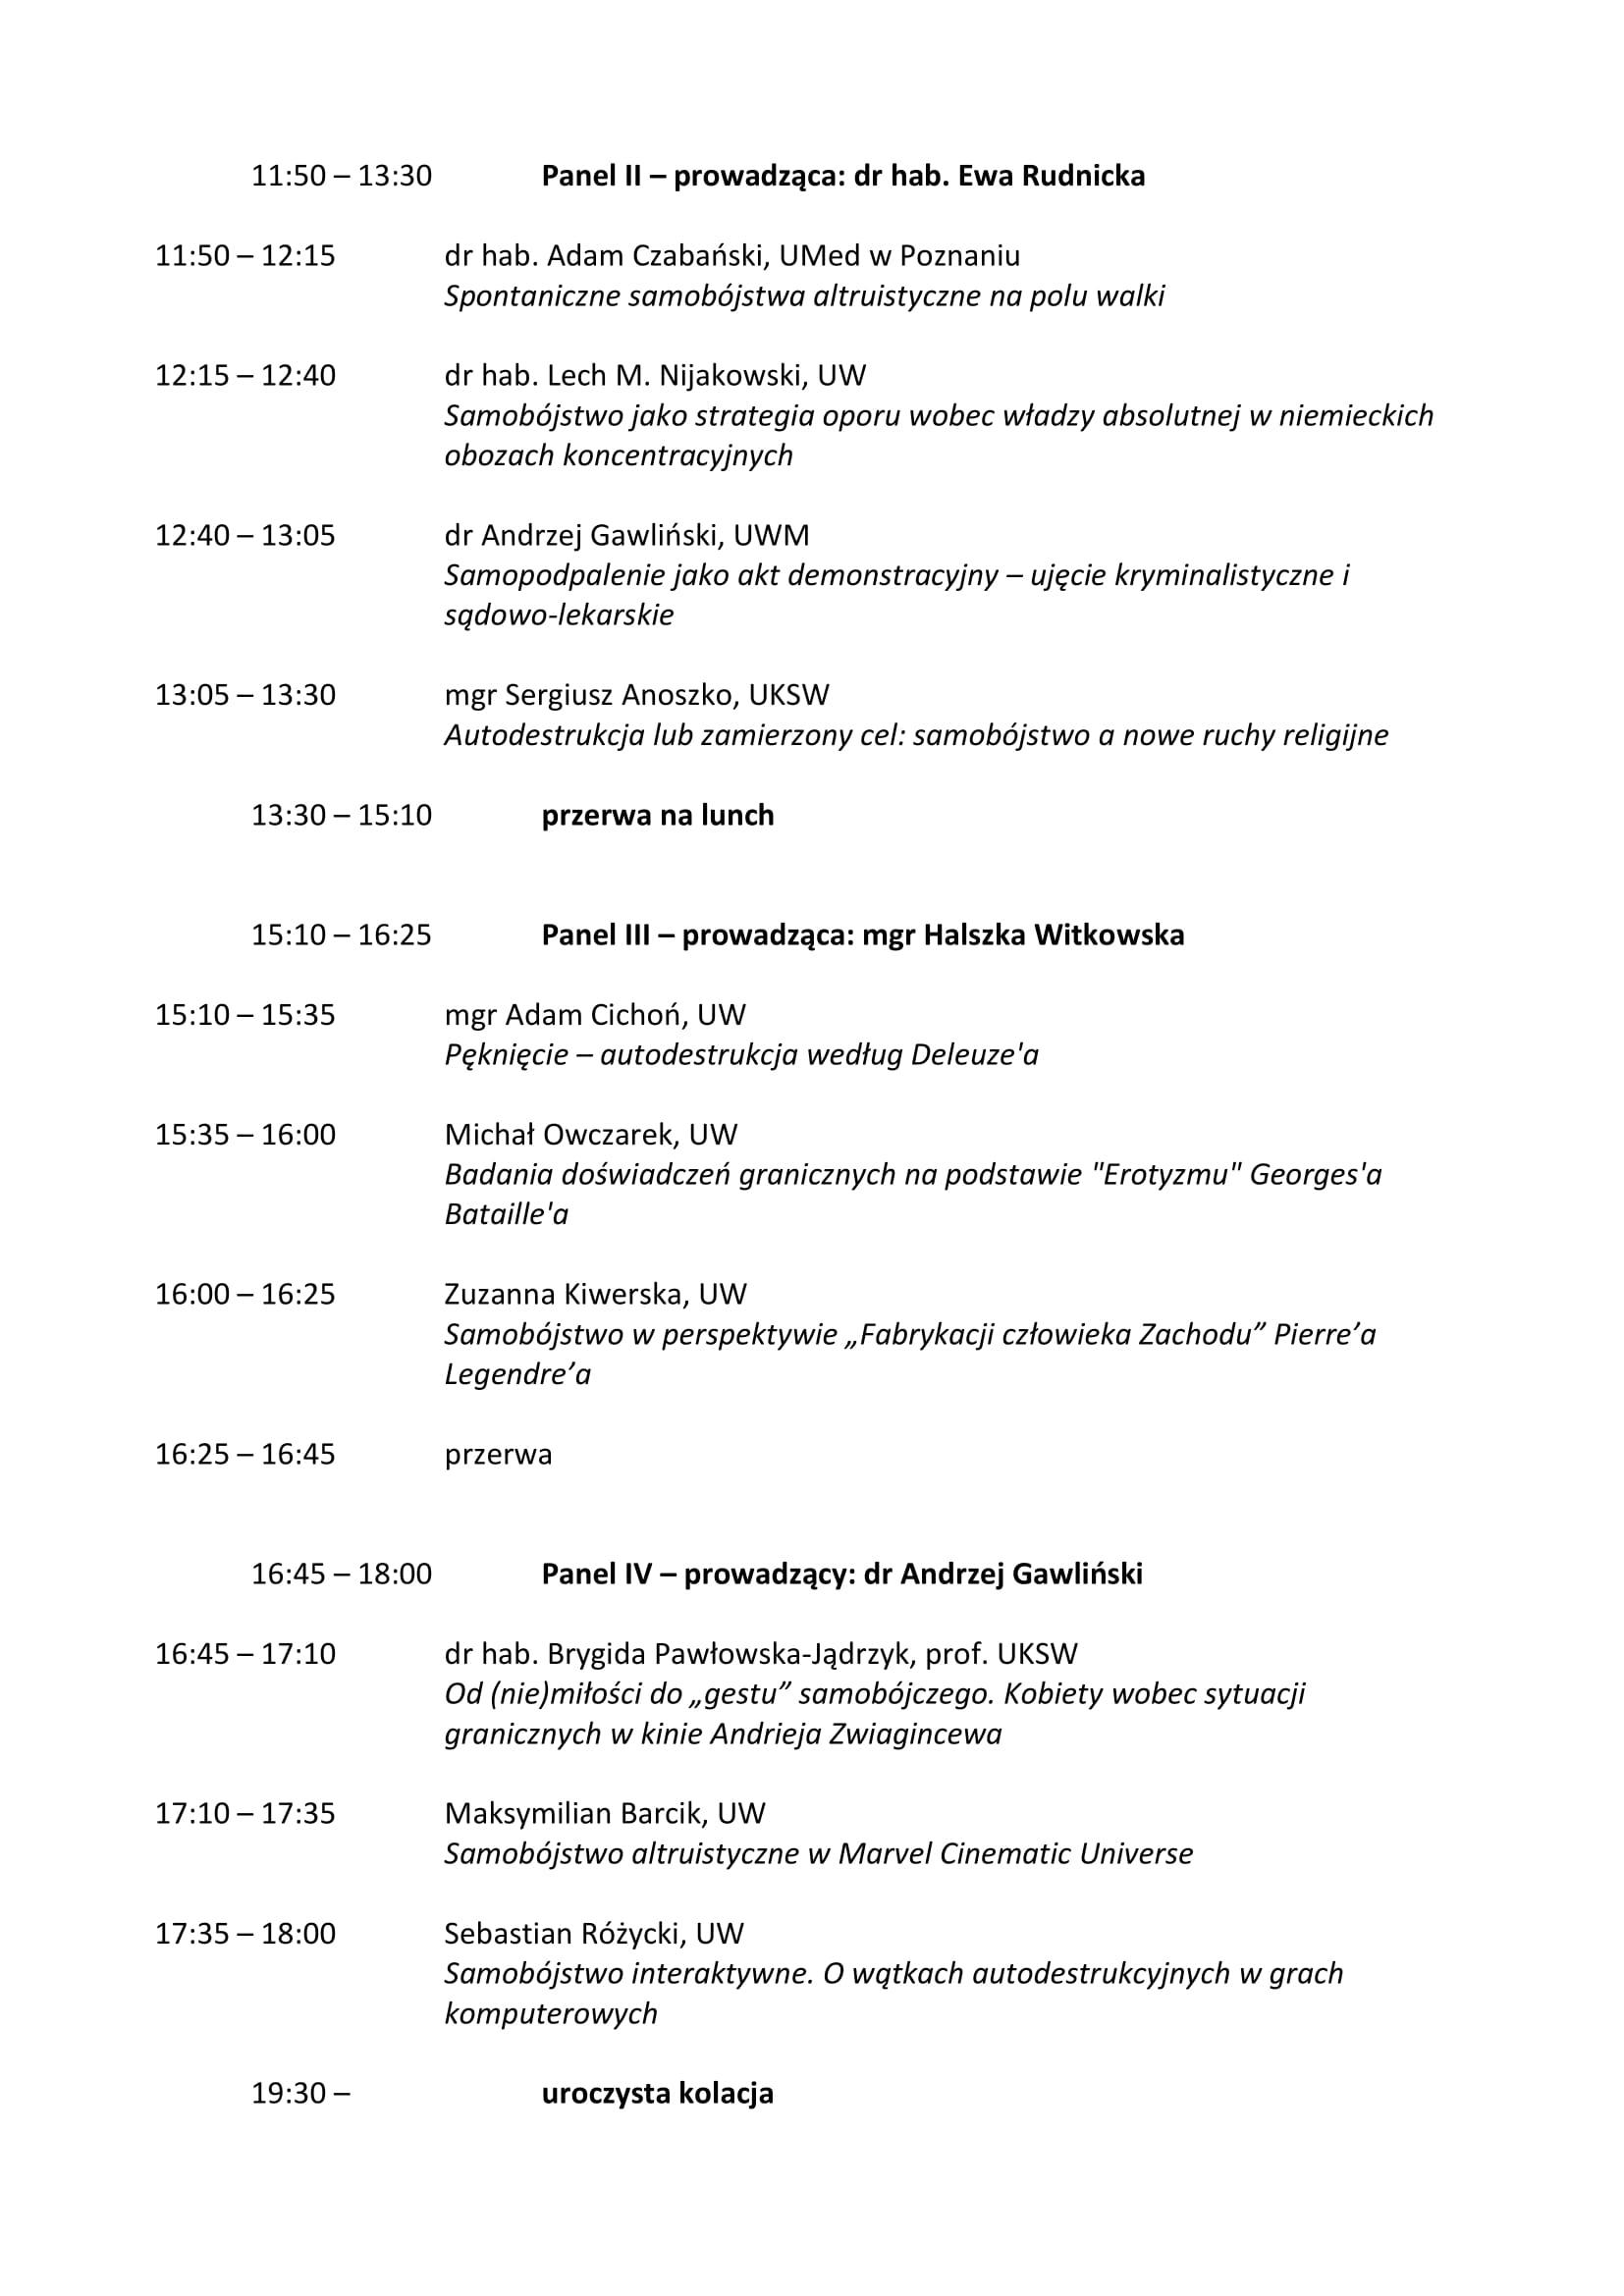 Harmonogram konferencji 'Autodestrukcja II. Sytuacje graniczne we współczesnej kulturze' - 9-10.04.19-2